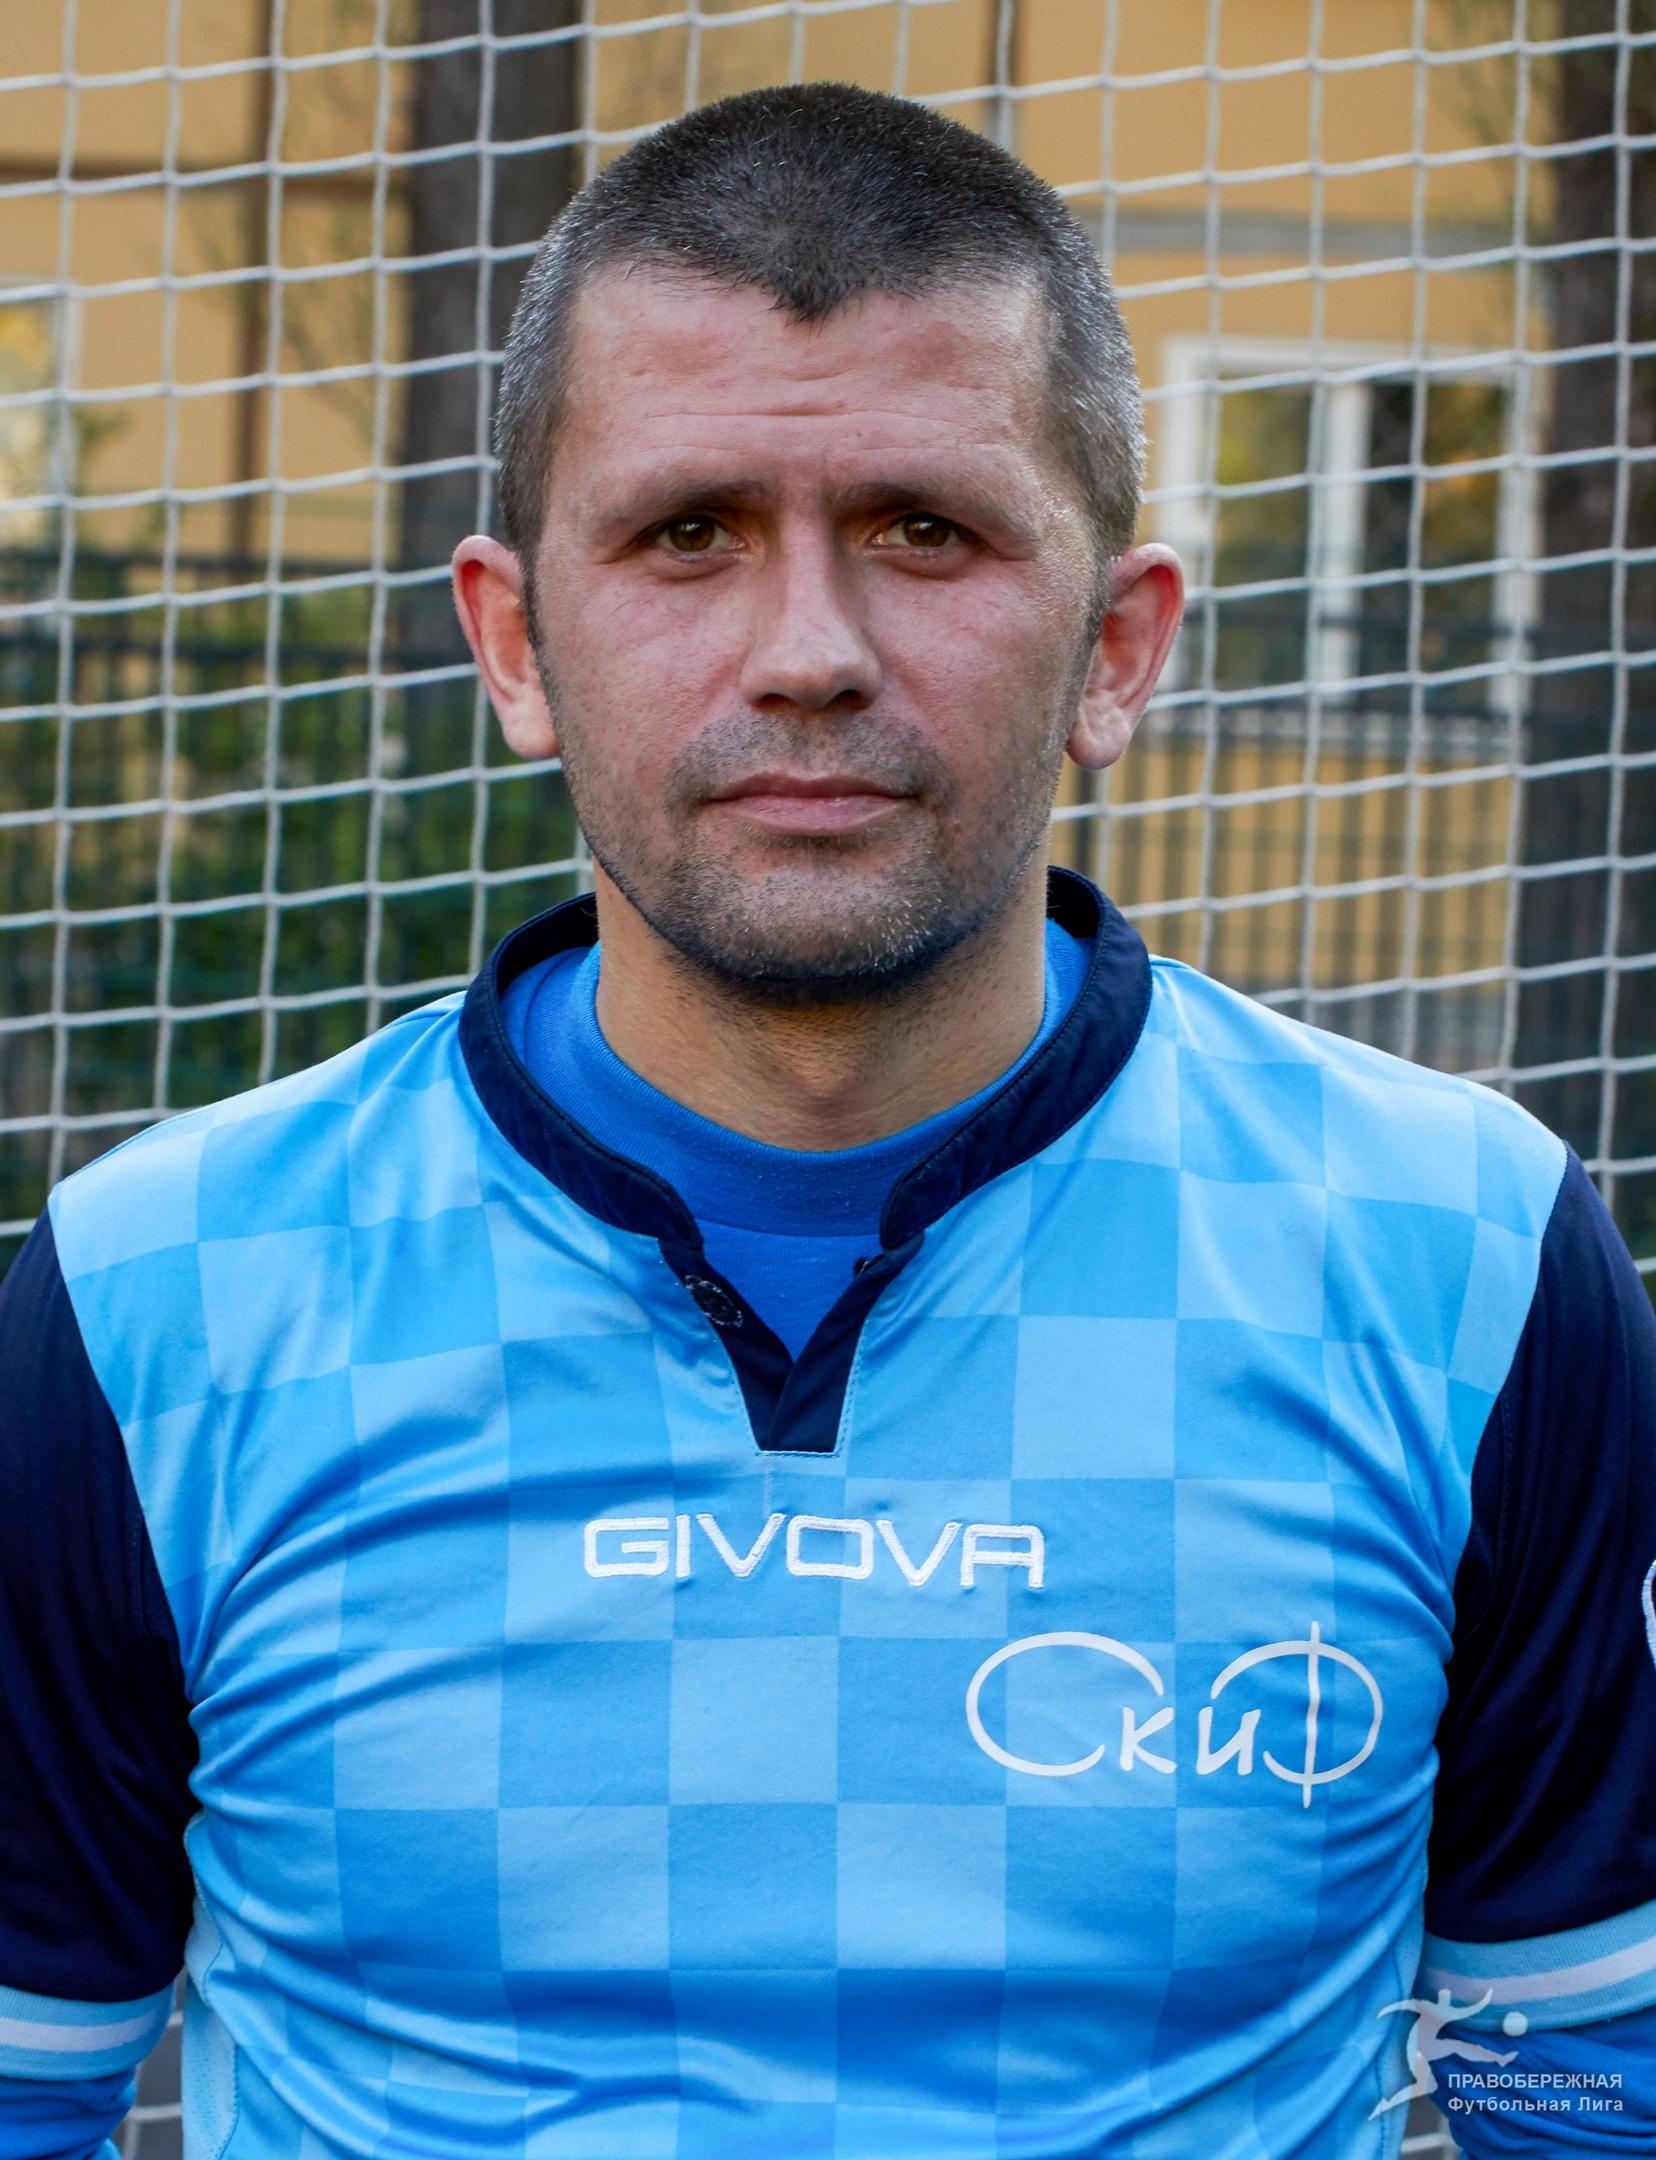 Груздев Дмитрий